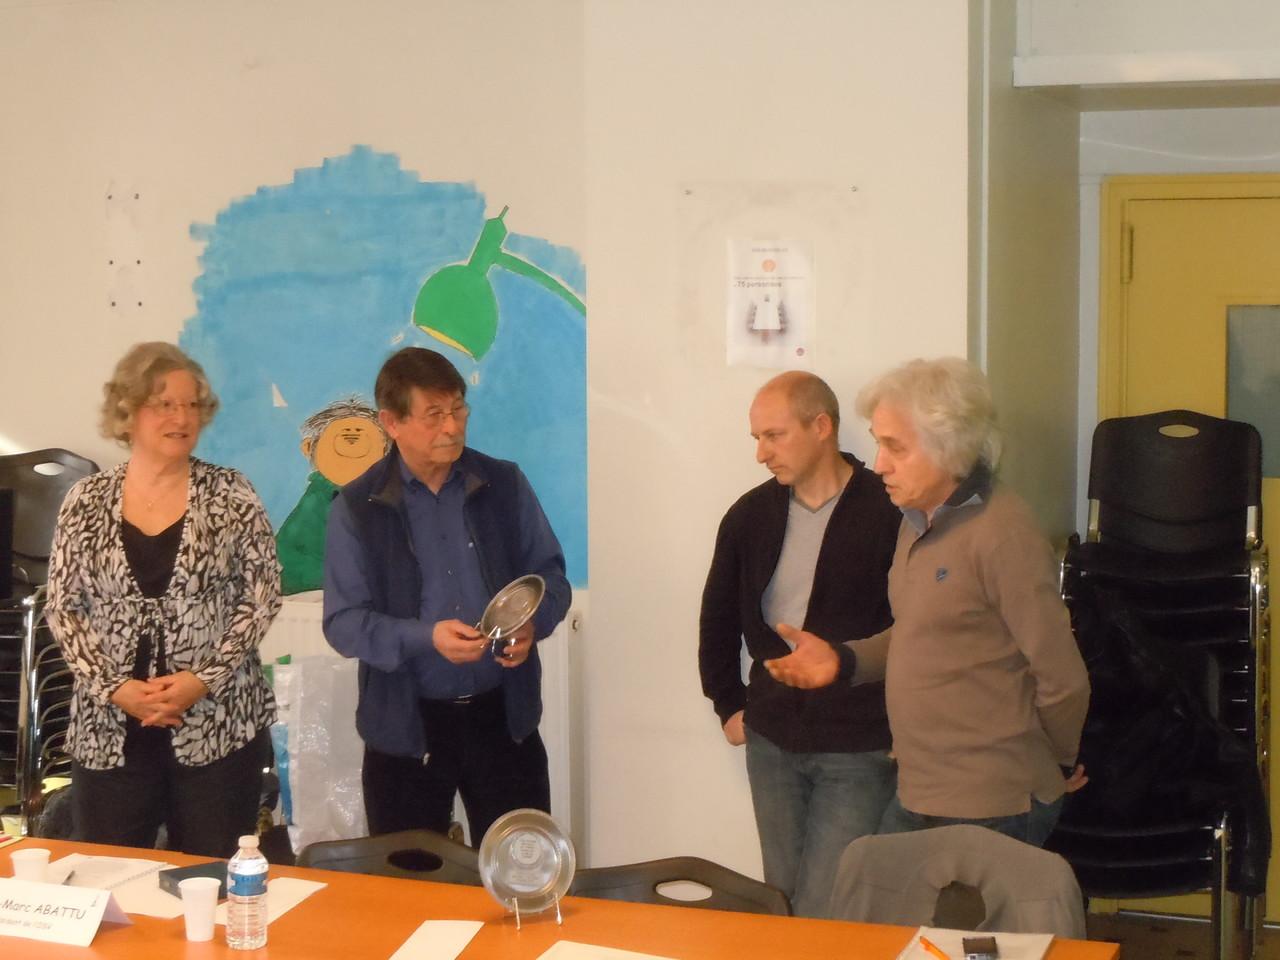 Remise par Max Gay Trophée à la ville de Chabeuil représenté par M. Joux